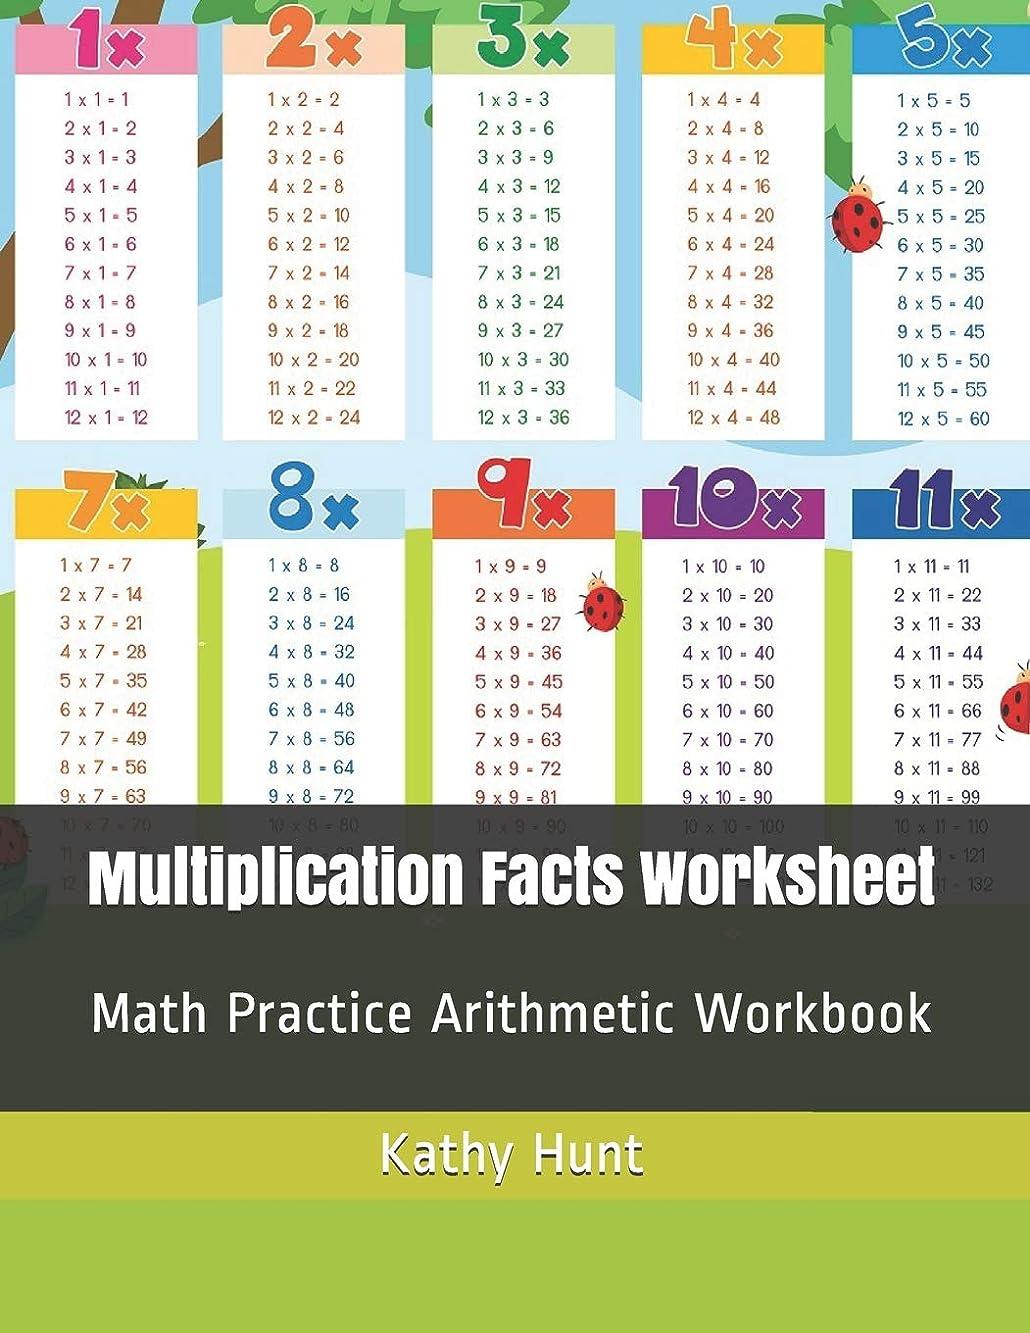 ピグマリオンキリマンジャロシャットMultiplication Facts Worksheet: Math Practice Arithmetic Workbook (Multiplication Facts Times Table)